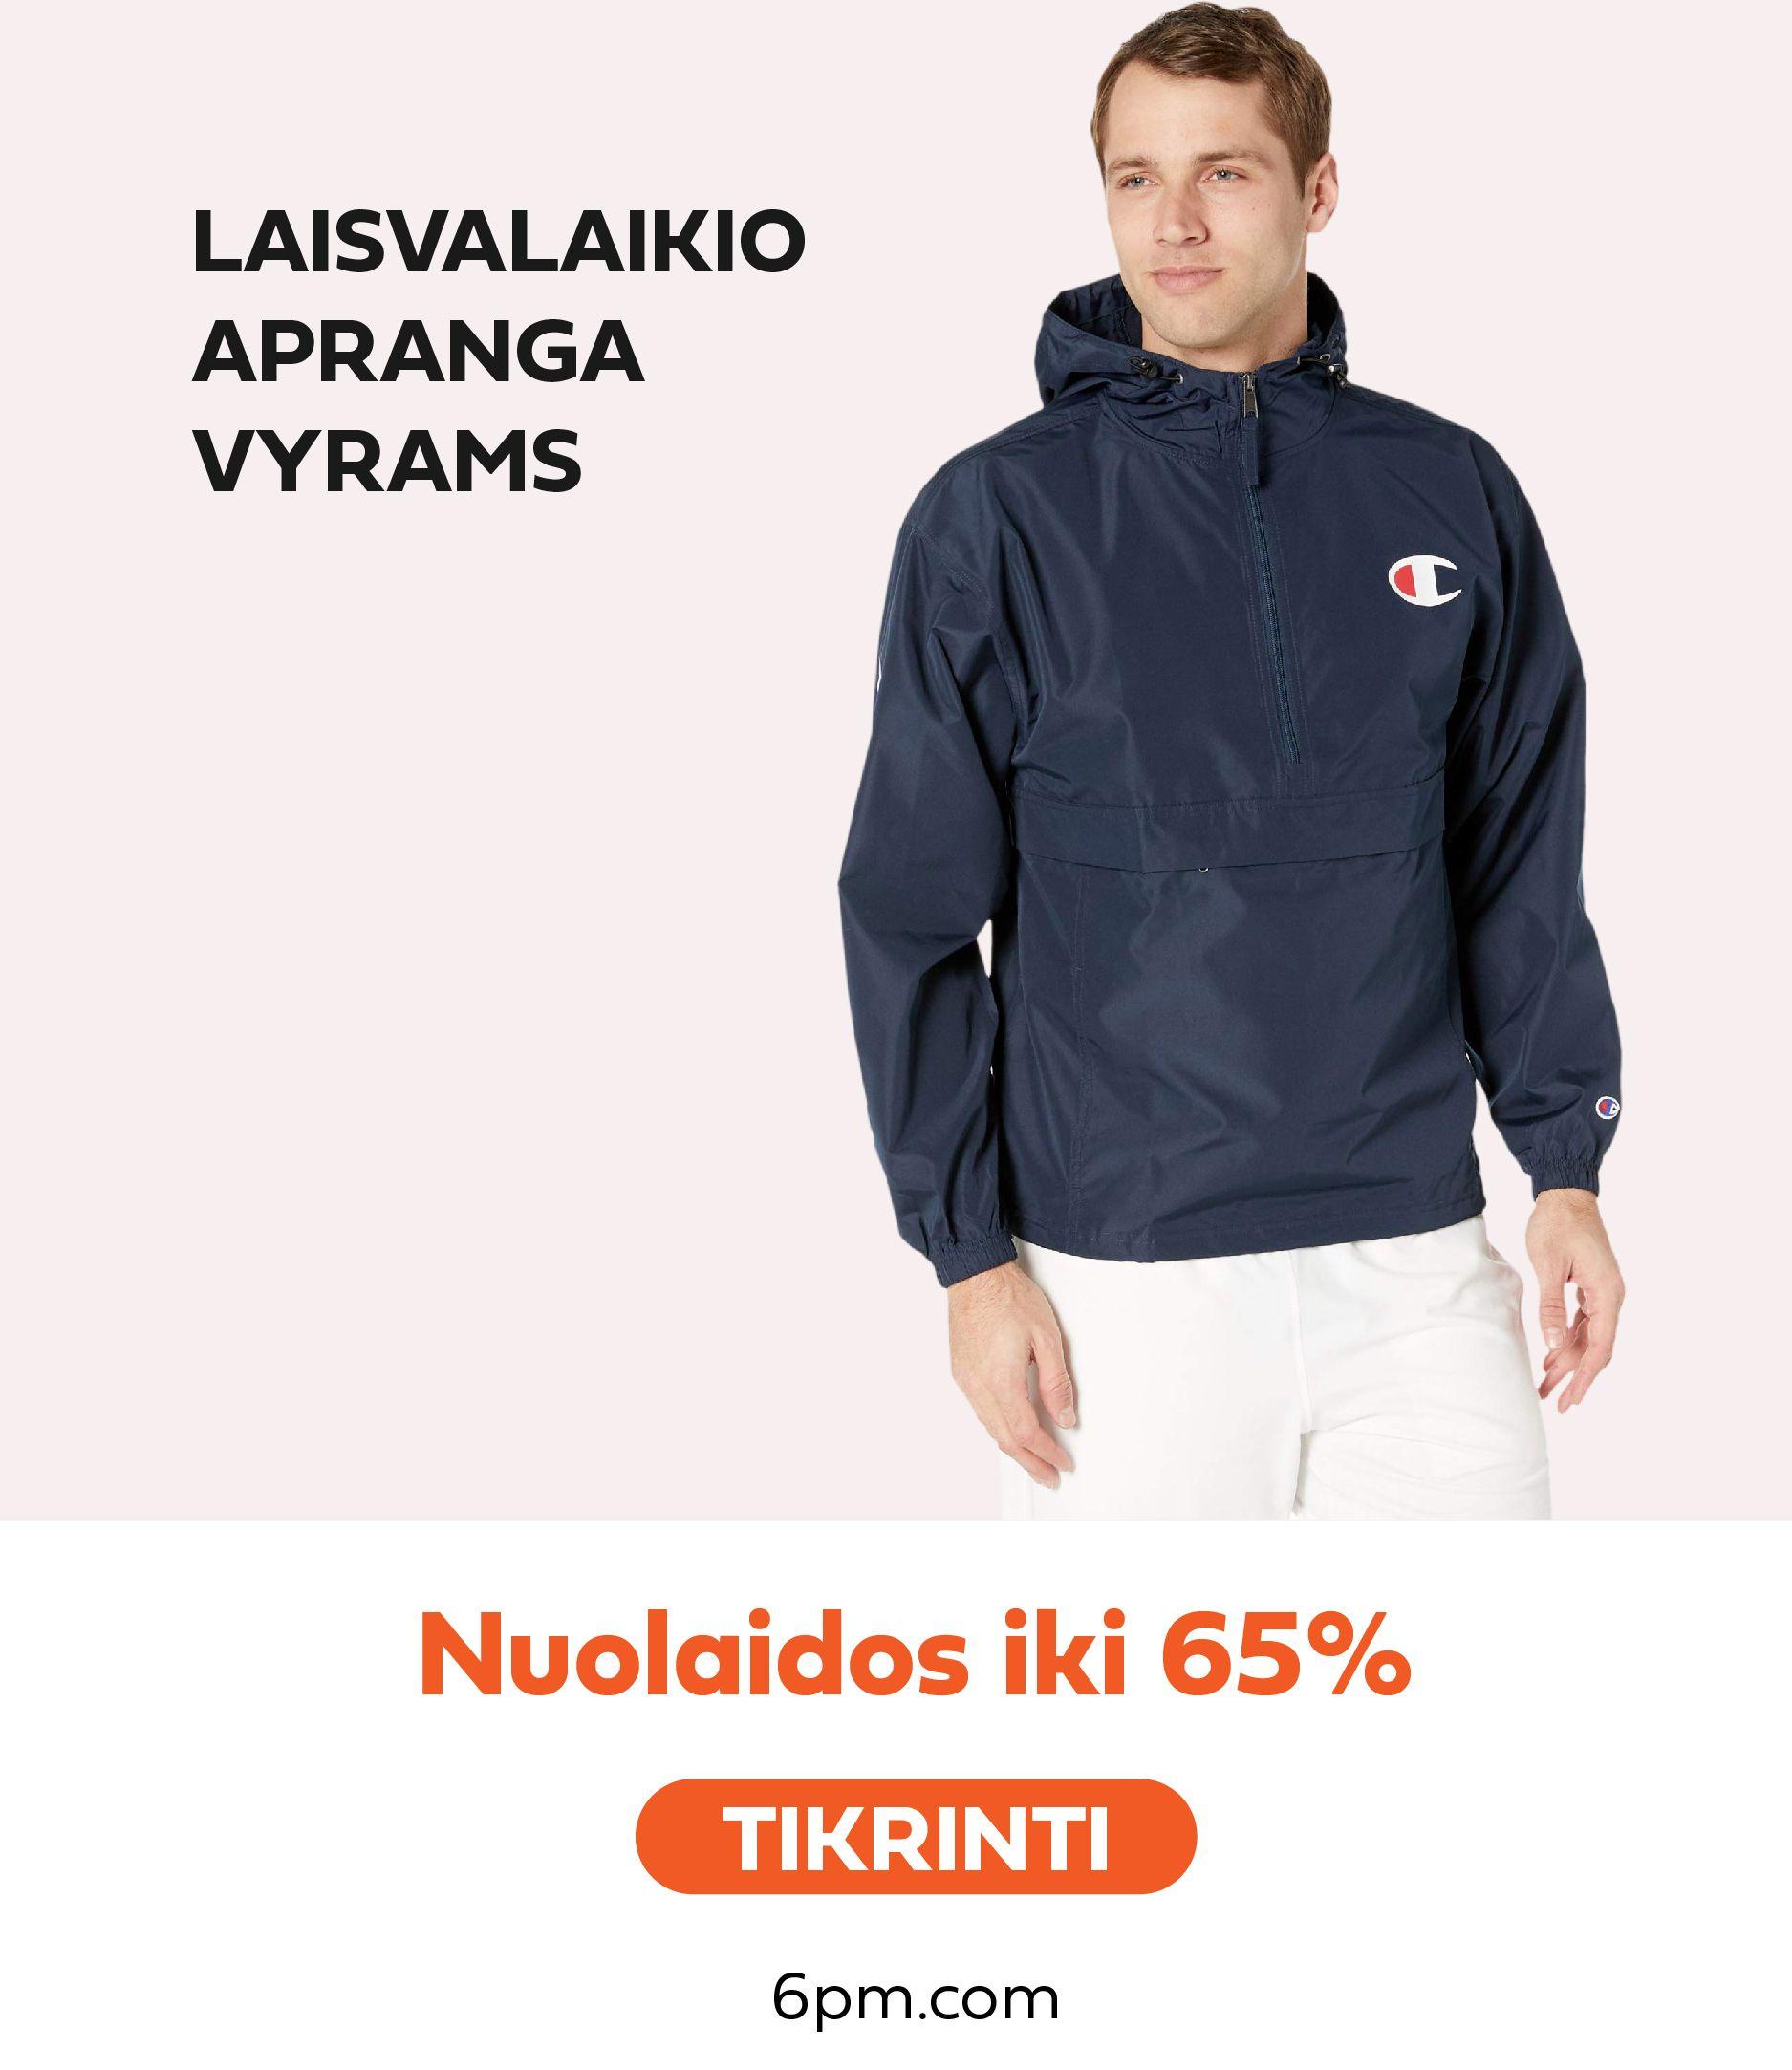 vyriska laisvalaikio apranga is jav ispardavimas